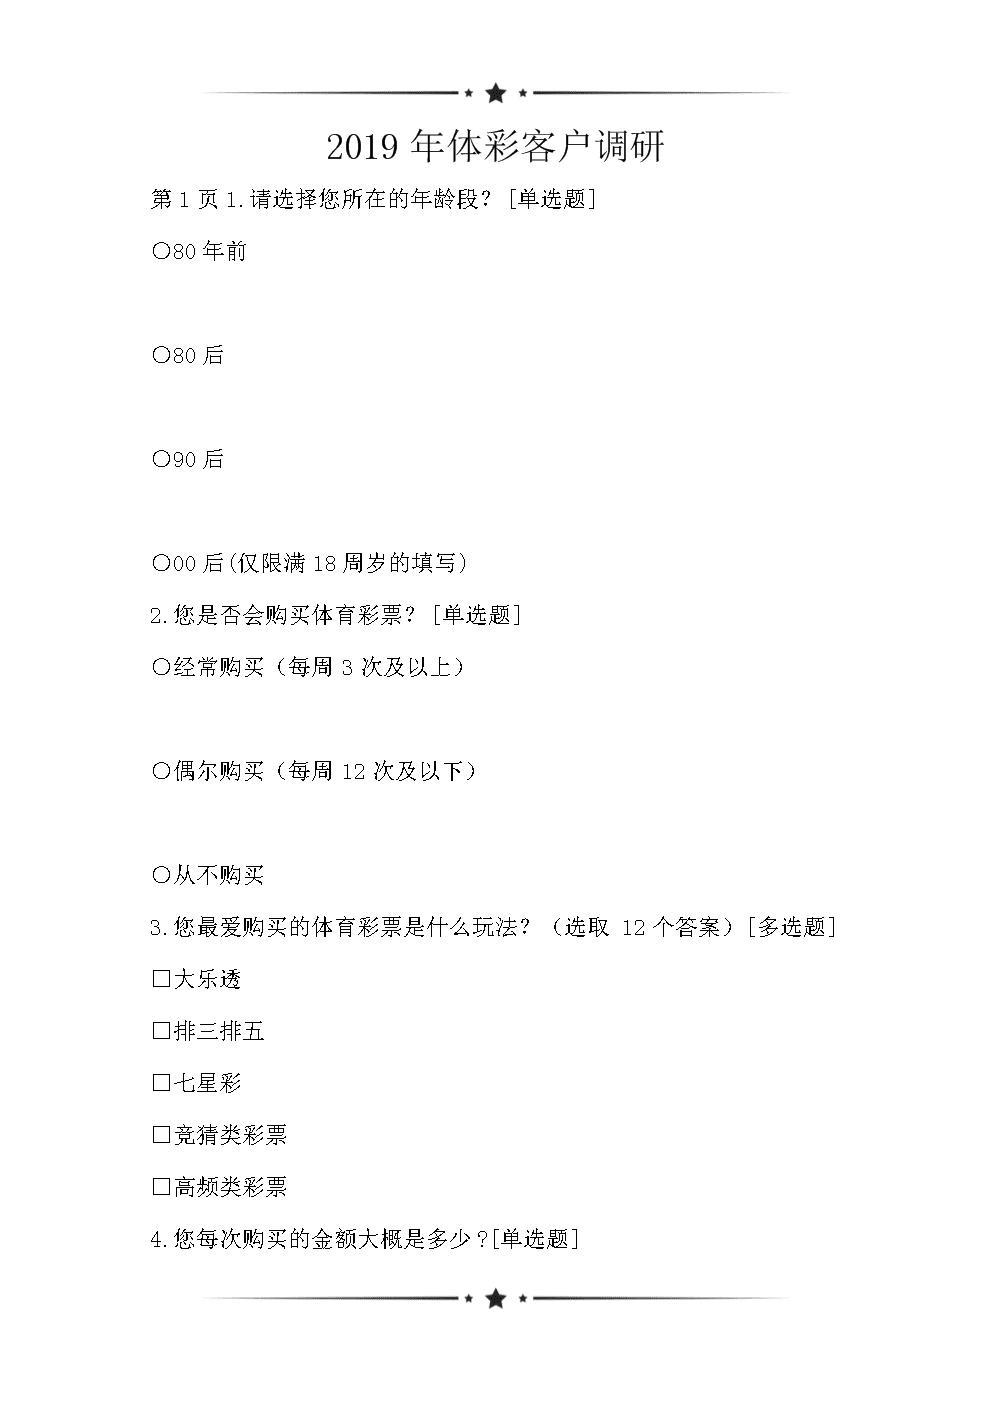 2019年体彩客户调研(可编辑).doc